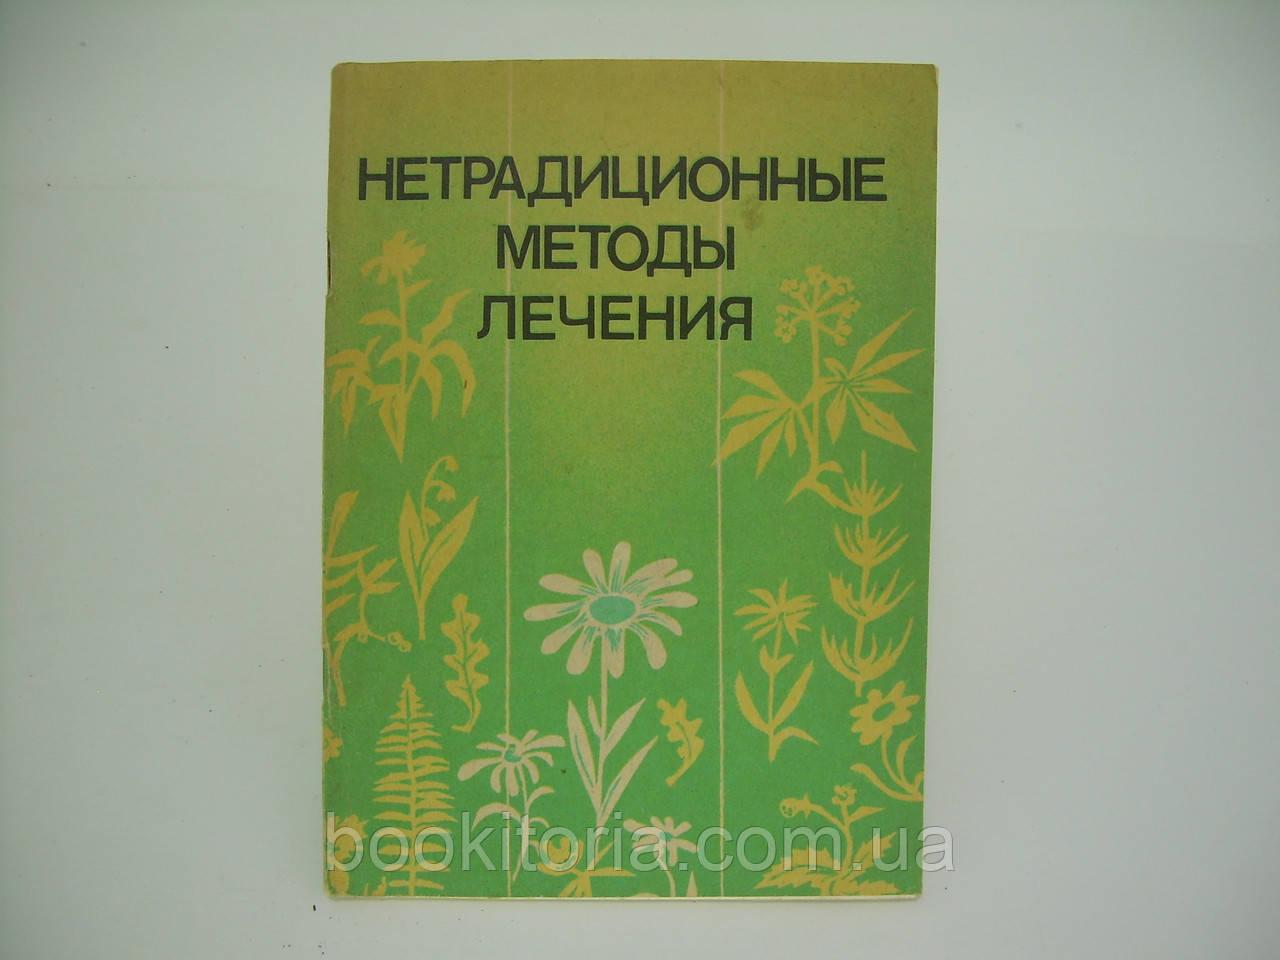 Нетрадиционные методы лечения (б/у).